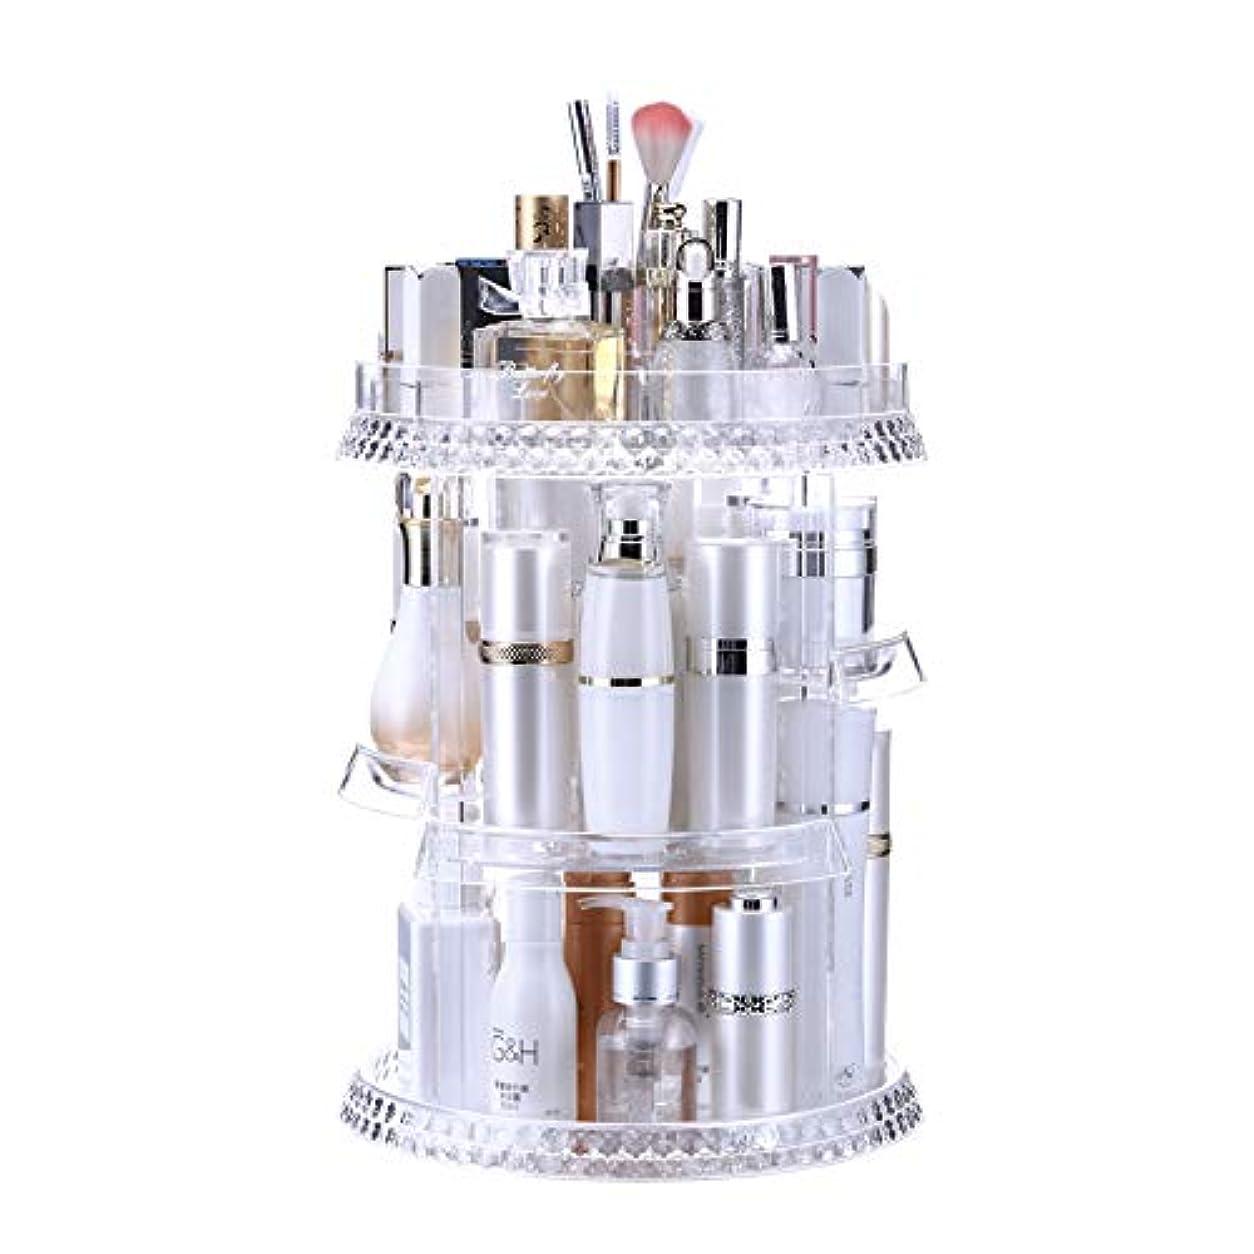 コマース深いロボットStarmory メイクボックス 360度回転式 大容量 (ダイヤモンドクリスタルスタイル) メイクケース 香水 口紅 化粧道具 収納 高さ調節可能 透明プラスチック化粧品ケース